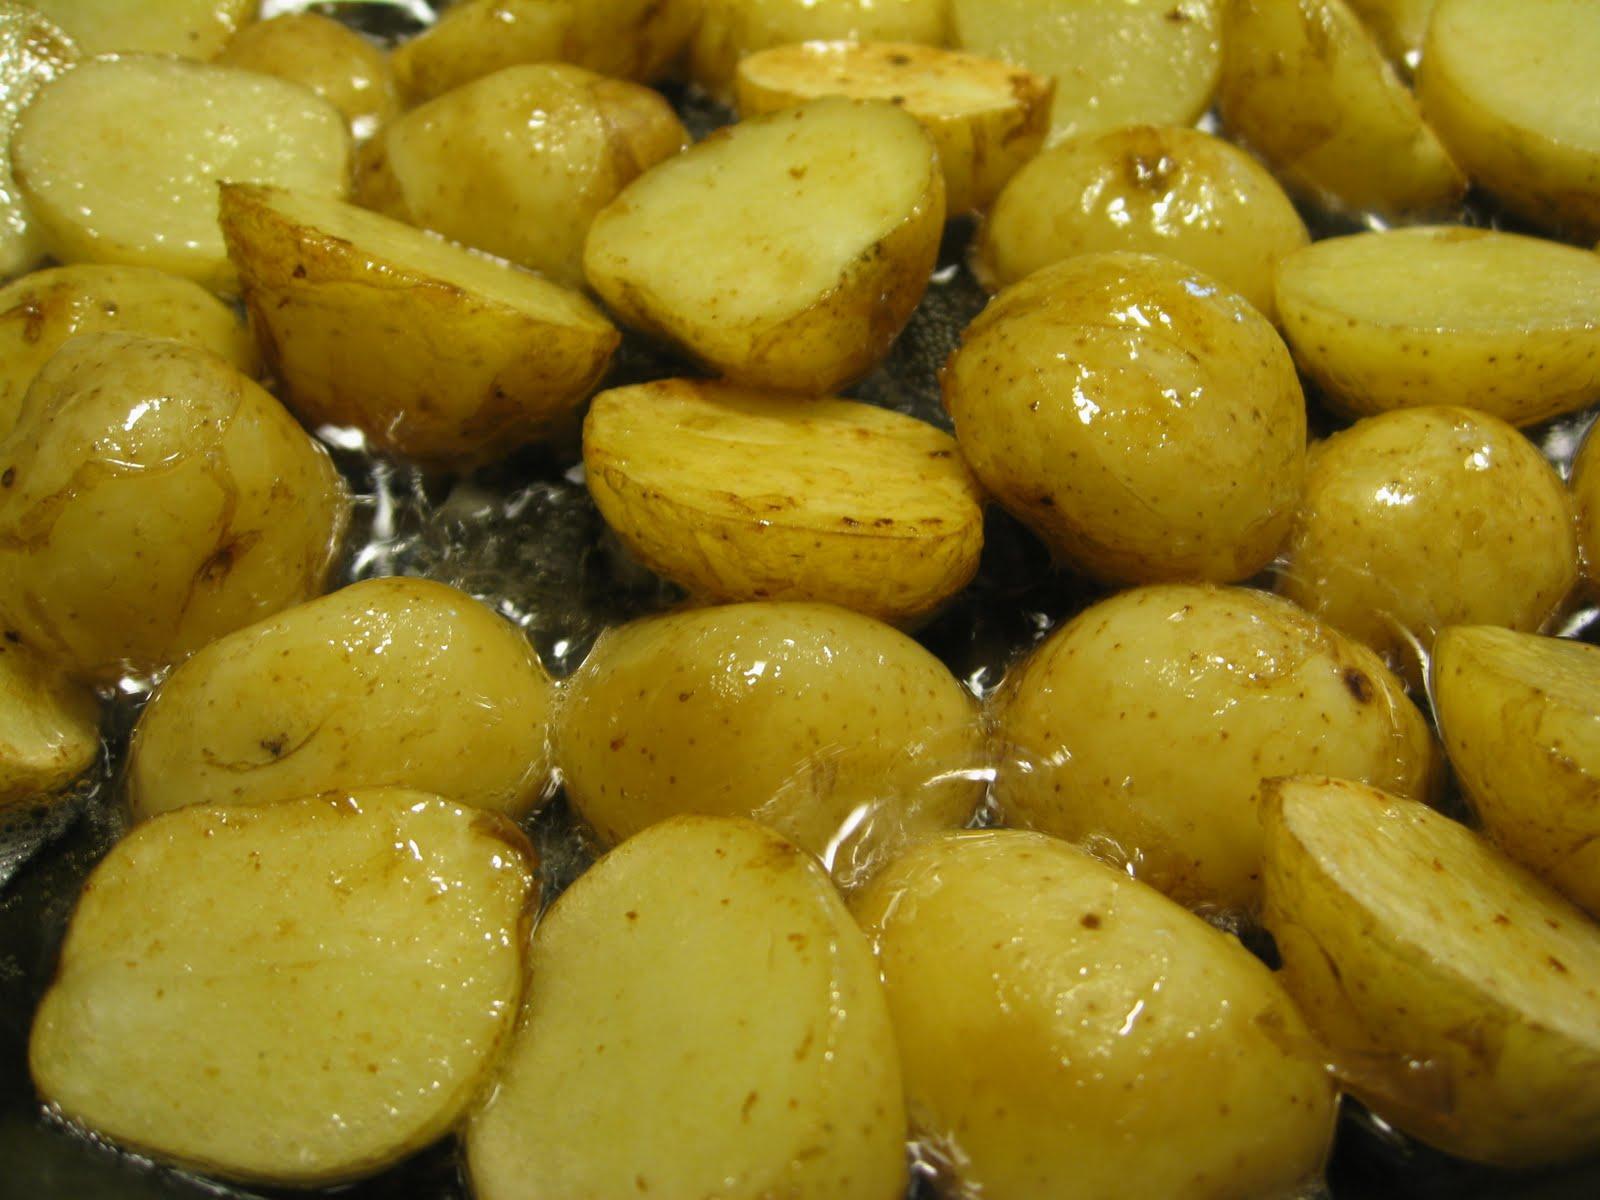 Raakana paistetut uudet perunat